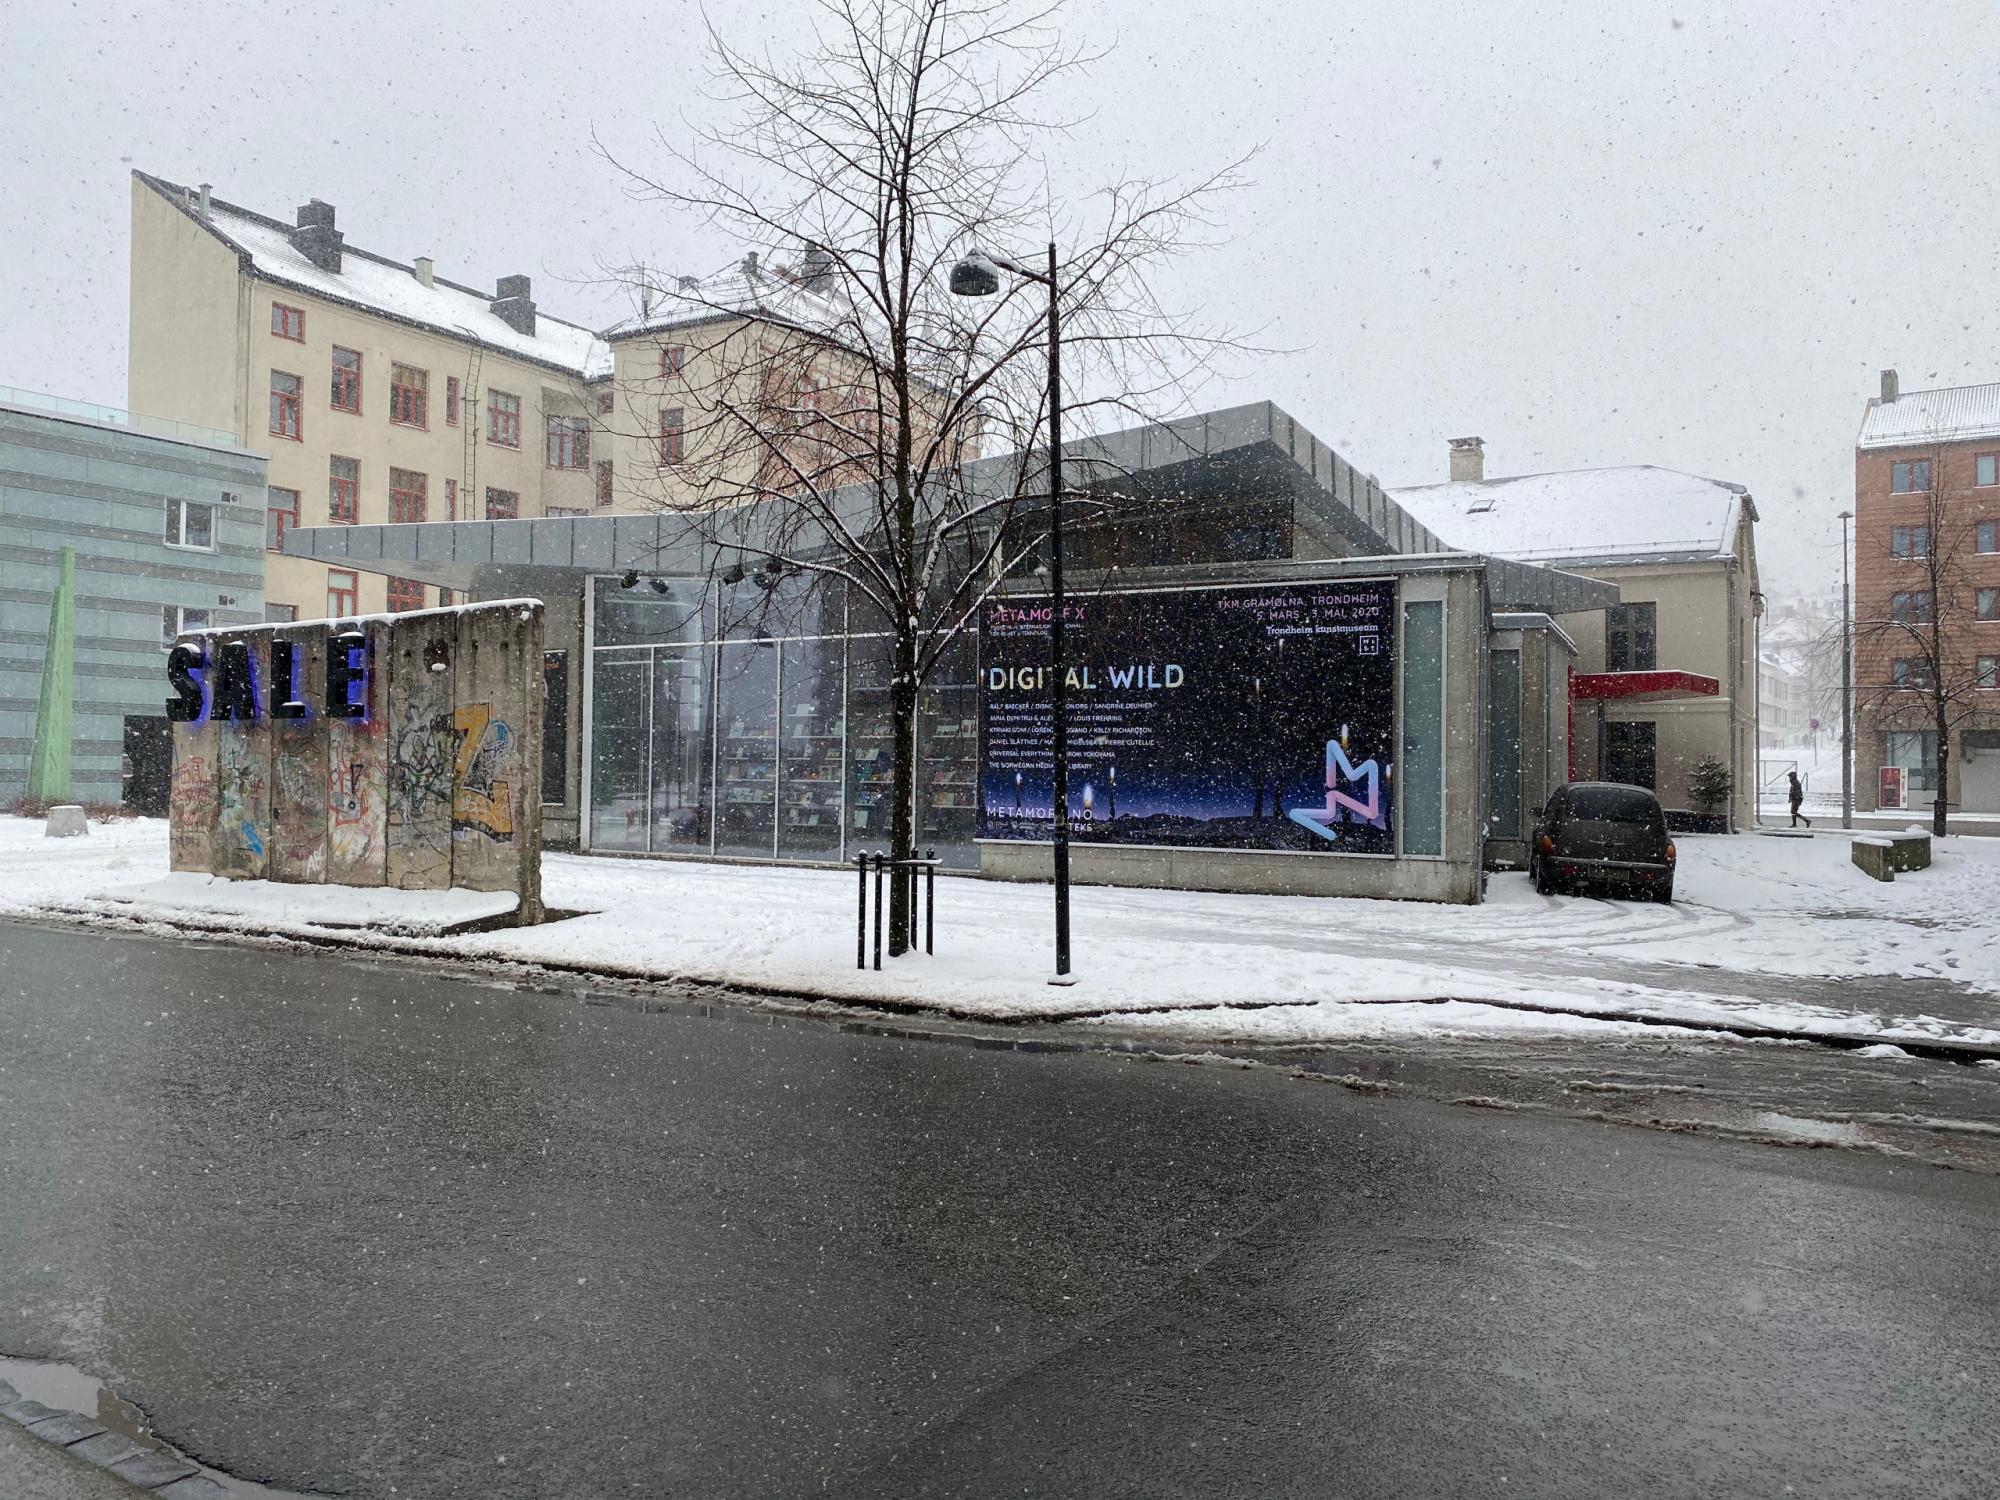 MMX-Gråmølna-13.03.20 - 21